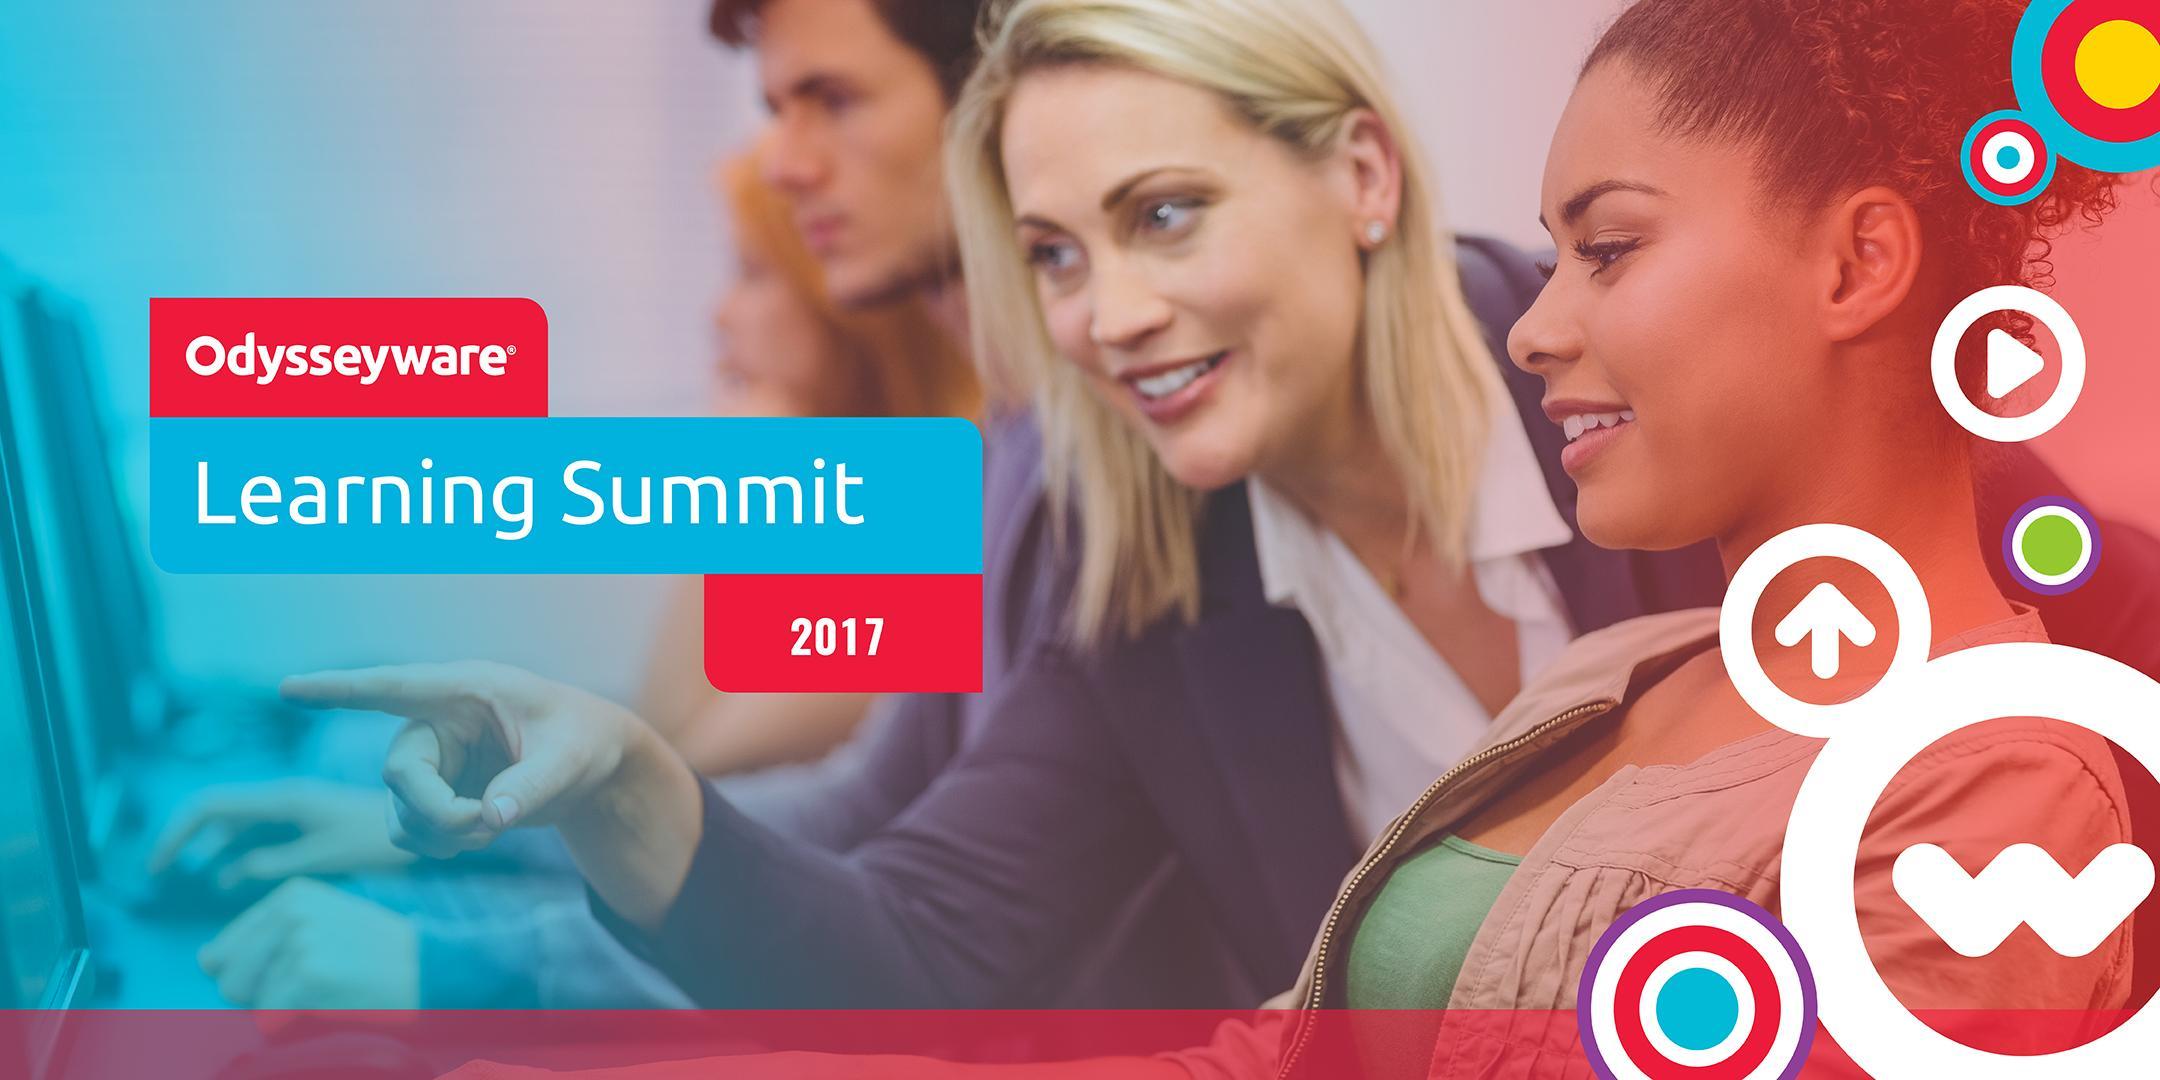 Odysseyware Learning Summit - Dallas, TX